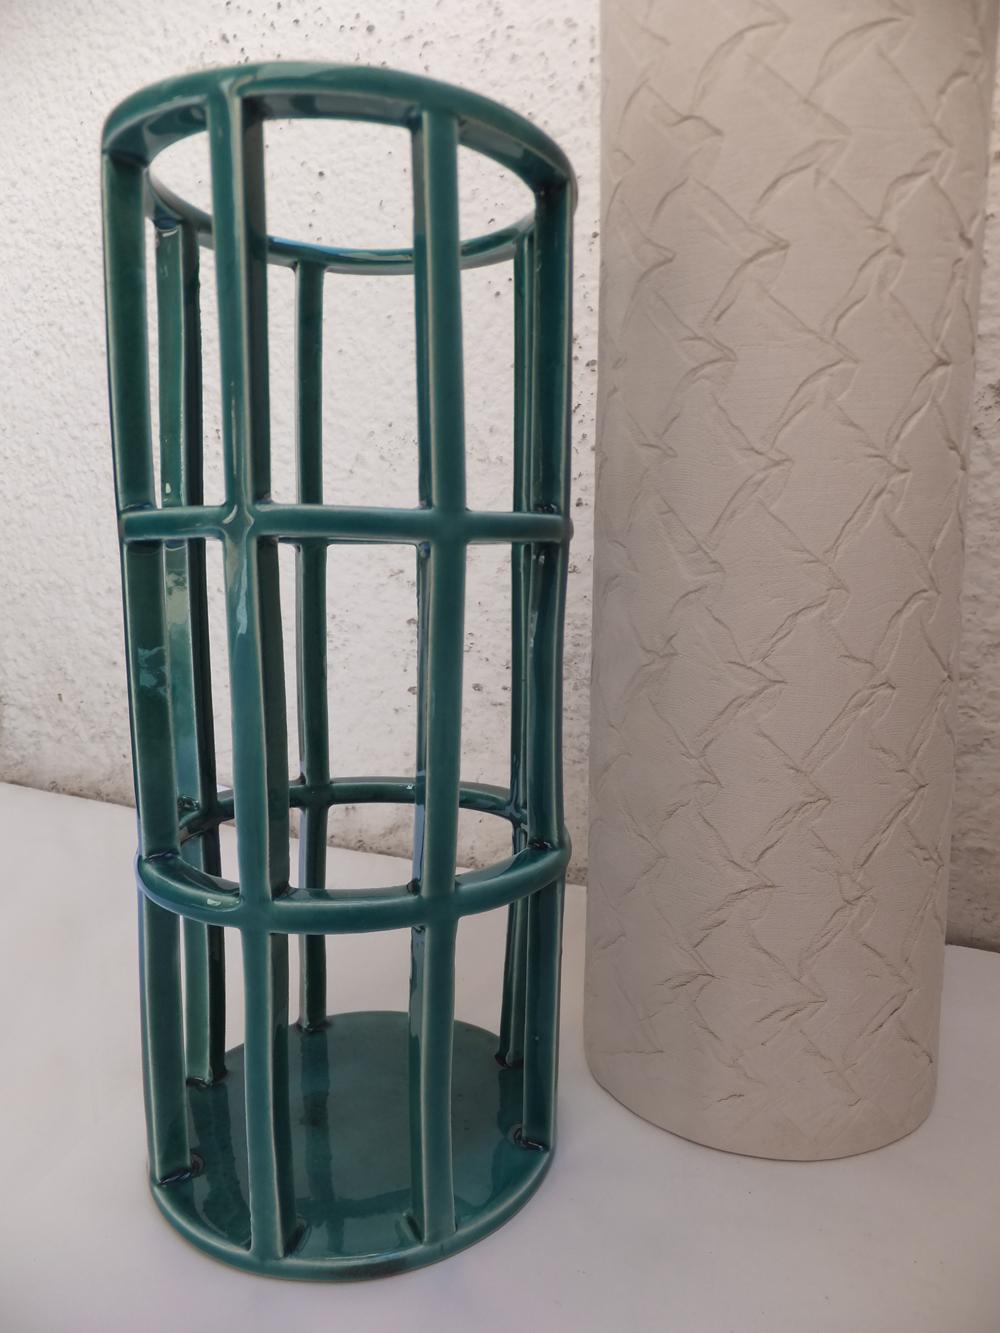 07_vasi ceramica 012_Silvia Fanticelli